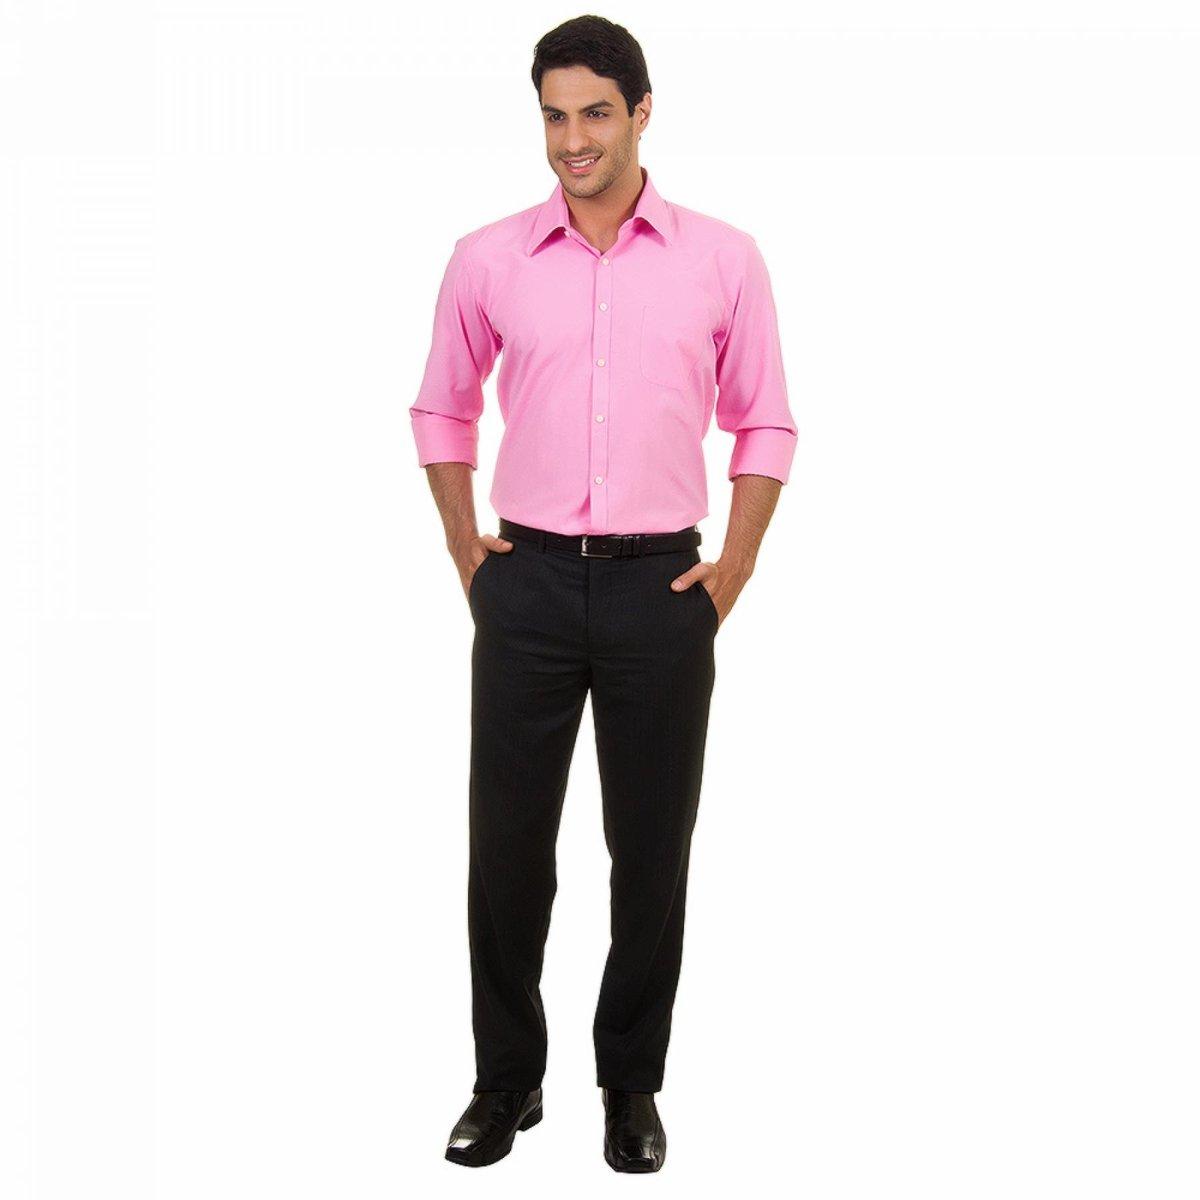 Camisa Social Lisa Masculino - Compre Agora  2b5a5e84e56a6